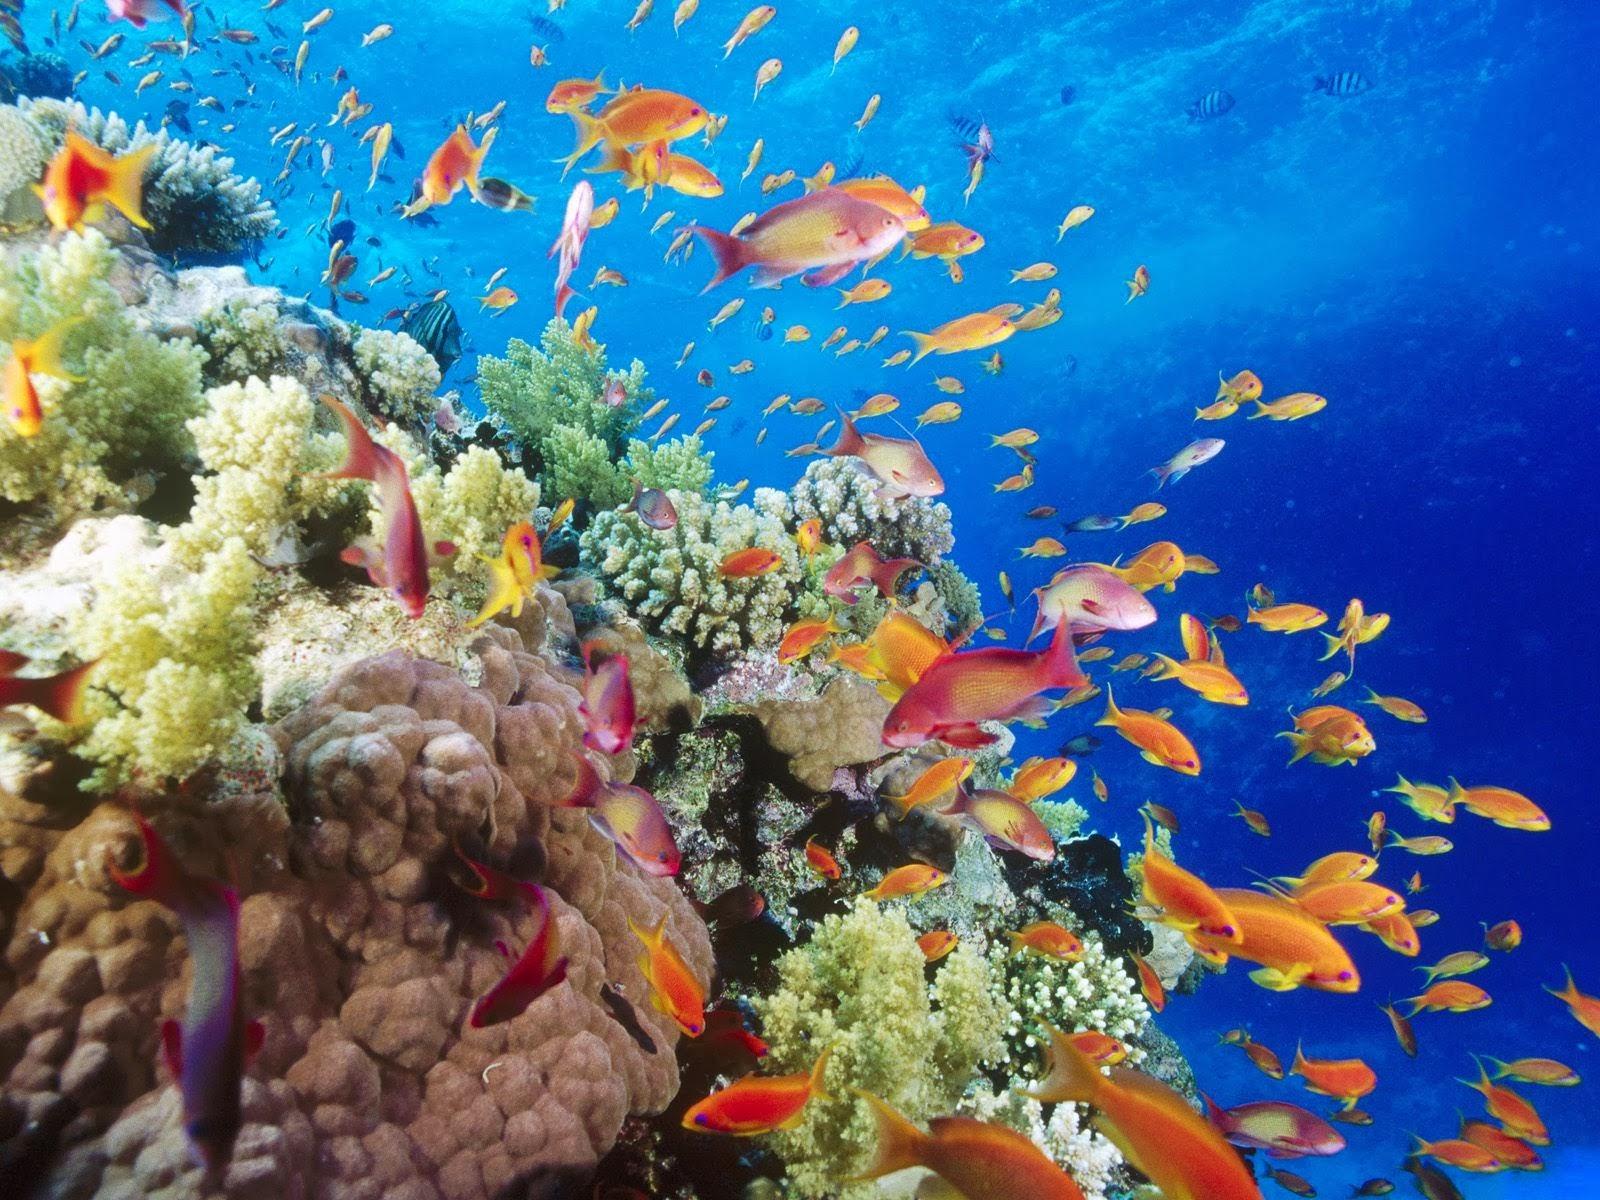 Ocean coral and fish wallpaper   beautiful desktop wallpapers 2014 1600x1200